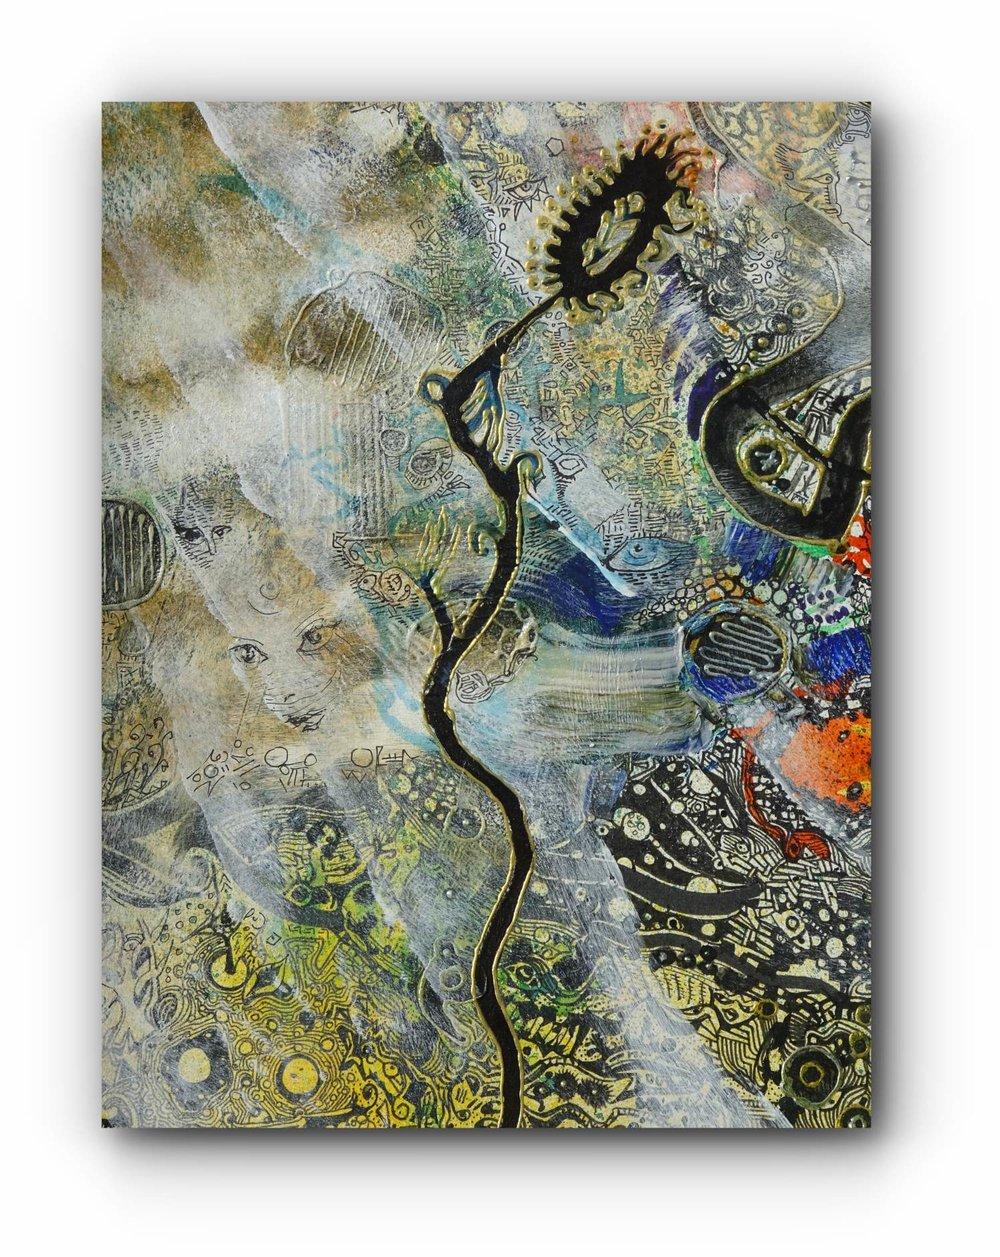 painting-detail-2-watchers-artist-duo-ingress-vortices.jpg